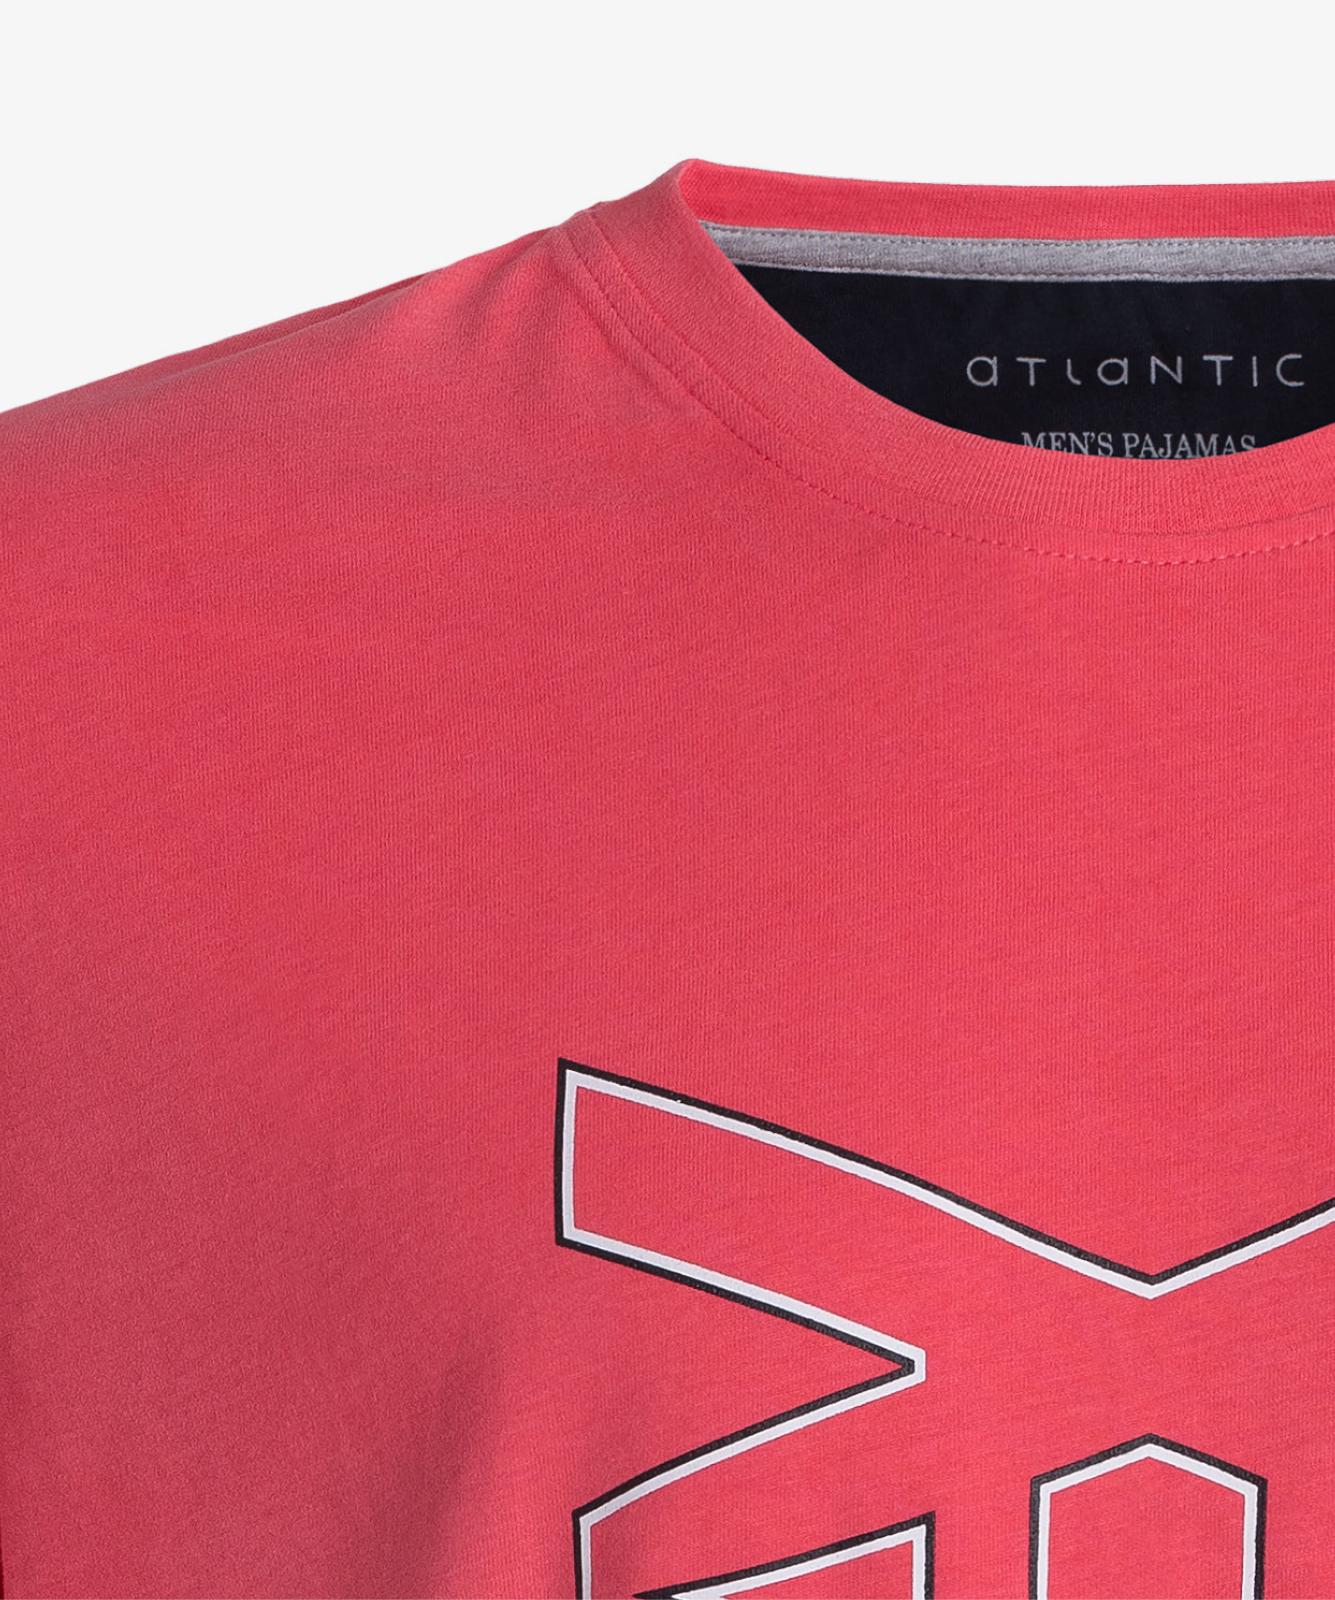 Мужская пижама Atlantic, 1 шт. в уп., хлопок, темно-коралловая, NMP-344